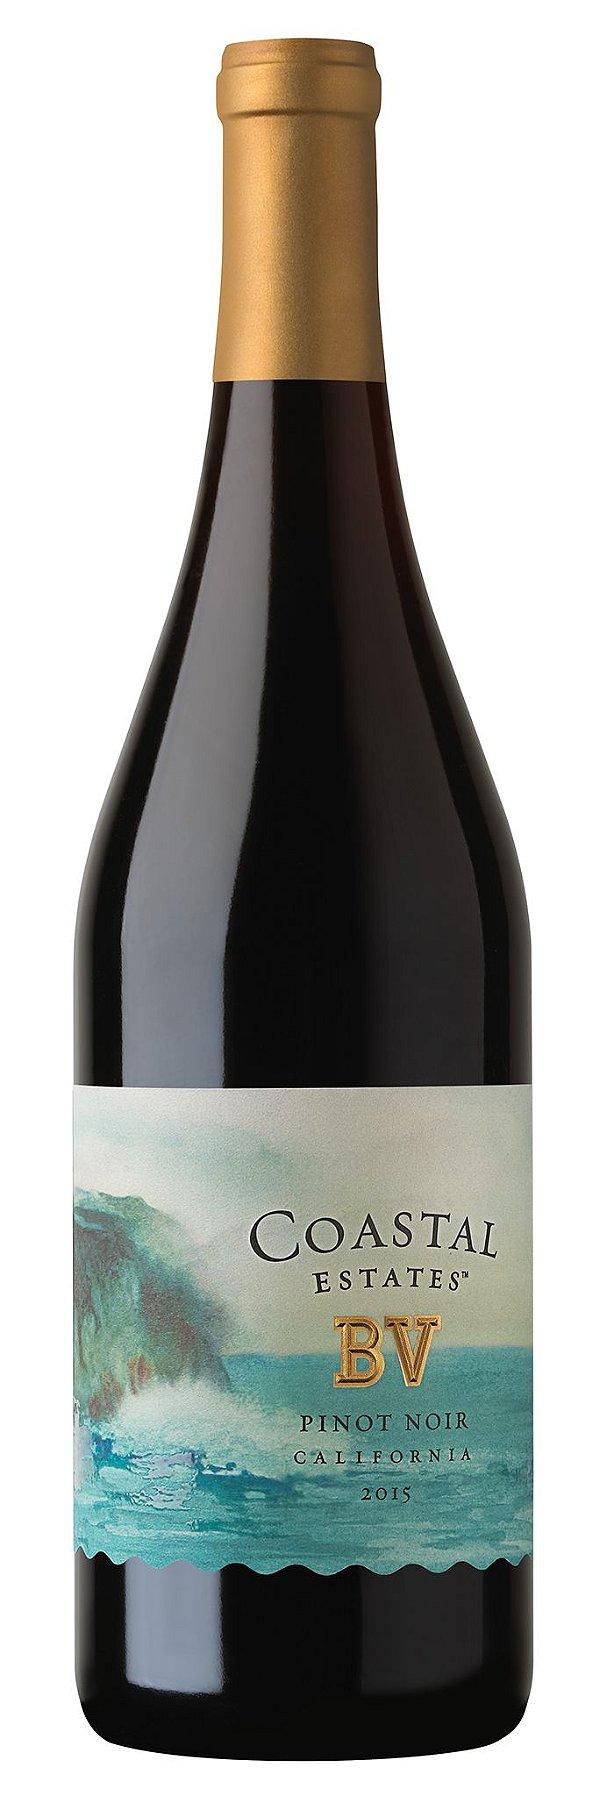 Vinho tinto Pinot Noir BV Coastal Estates